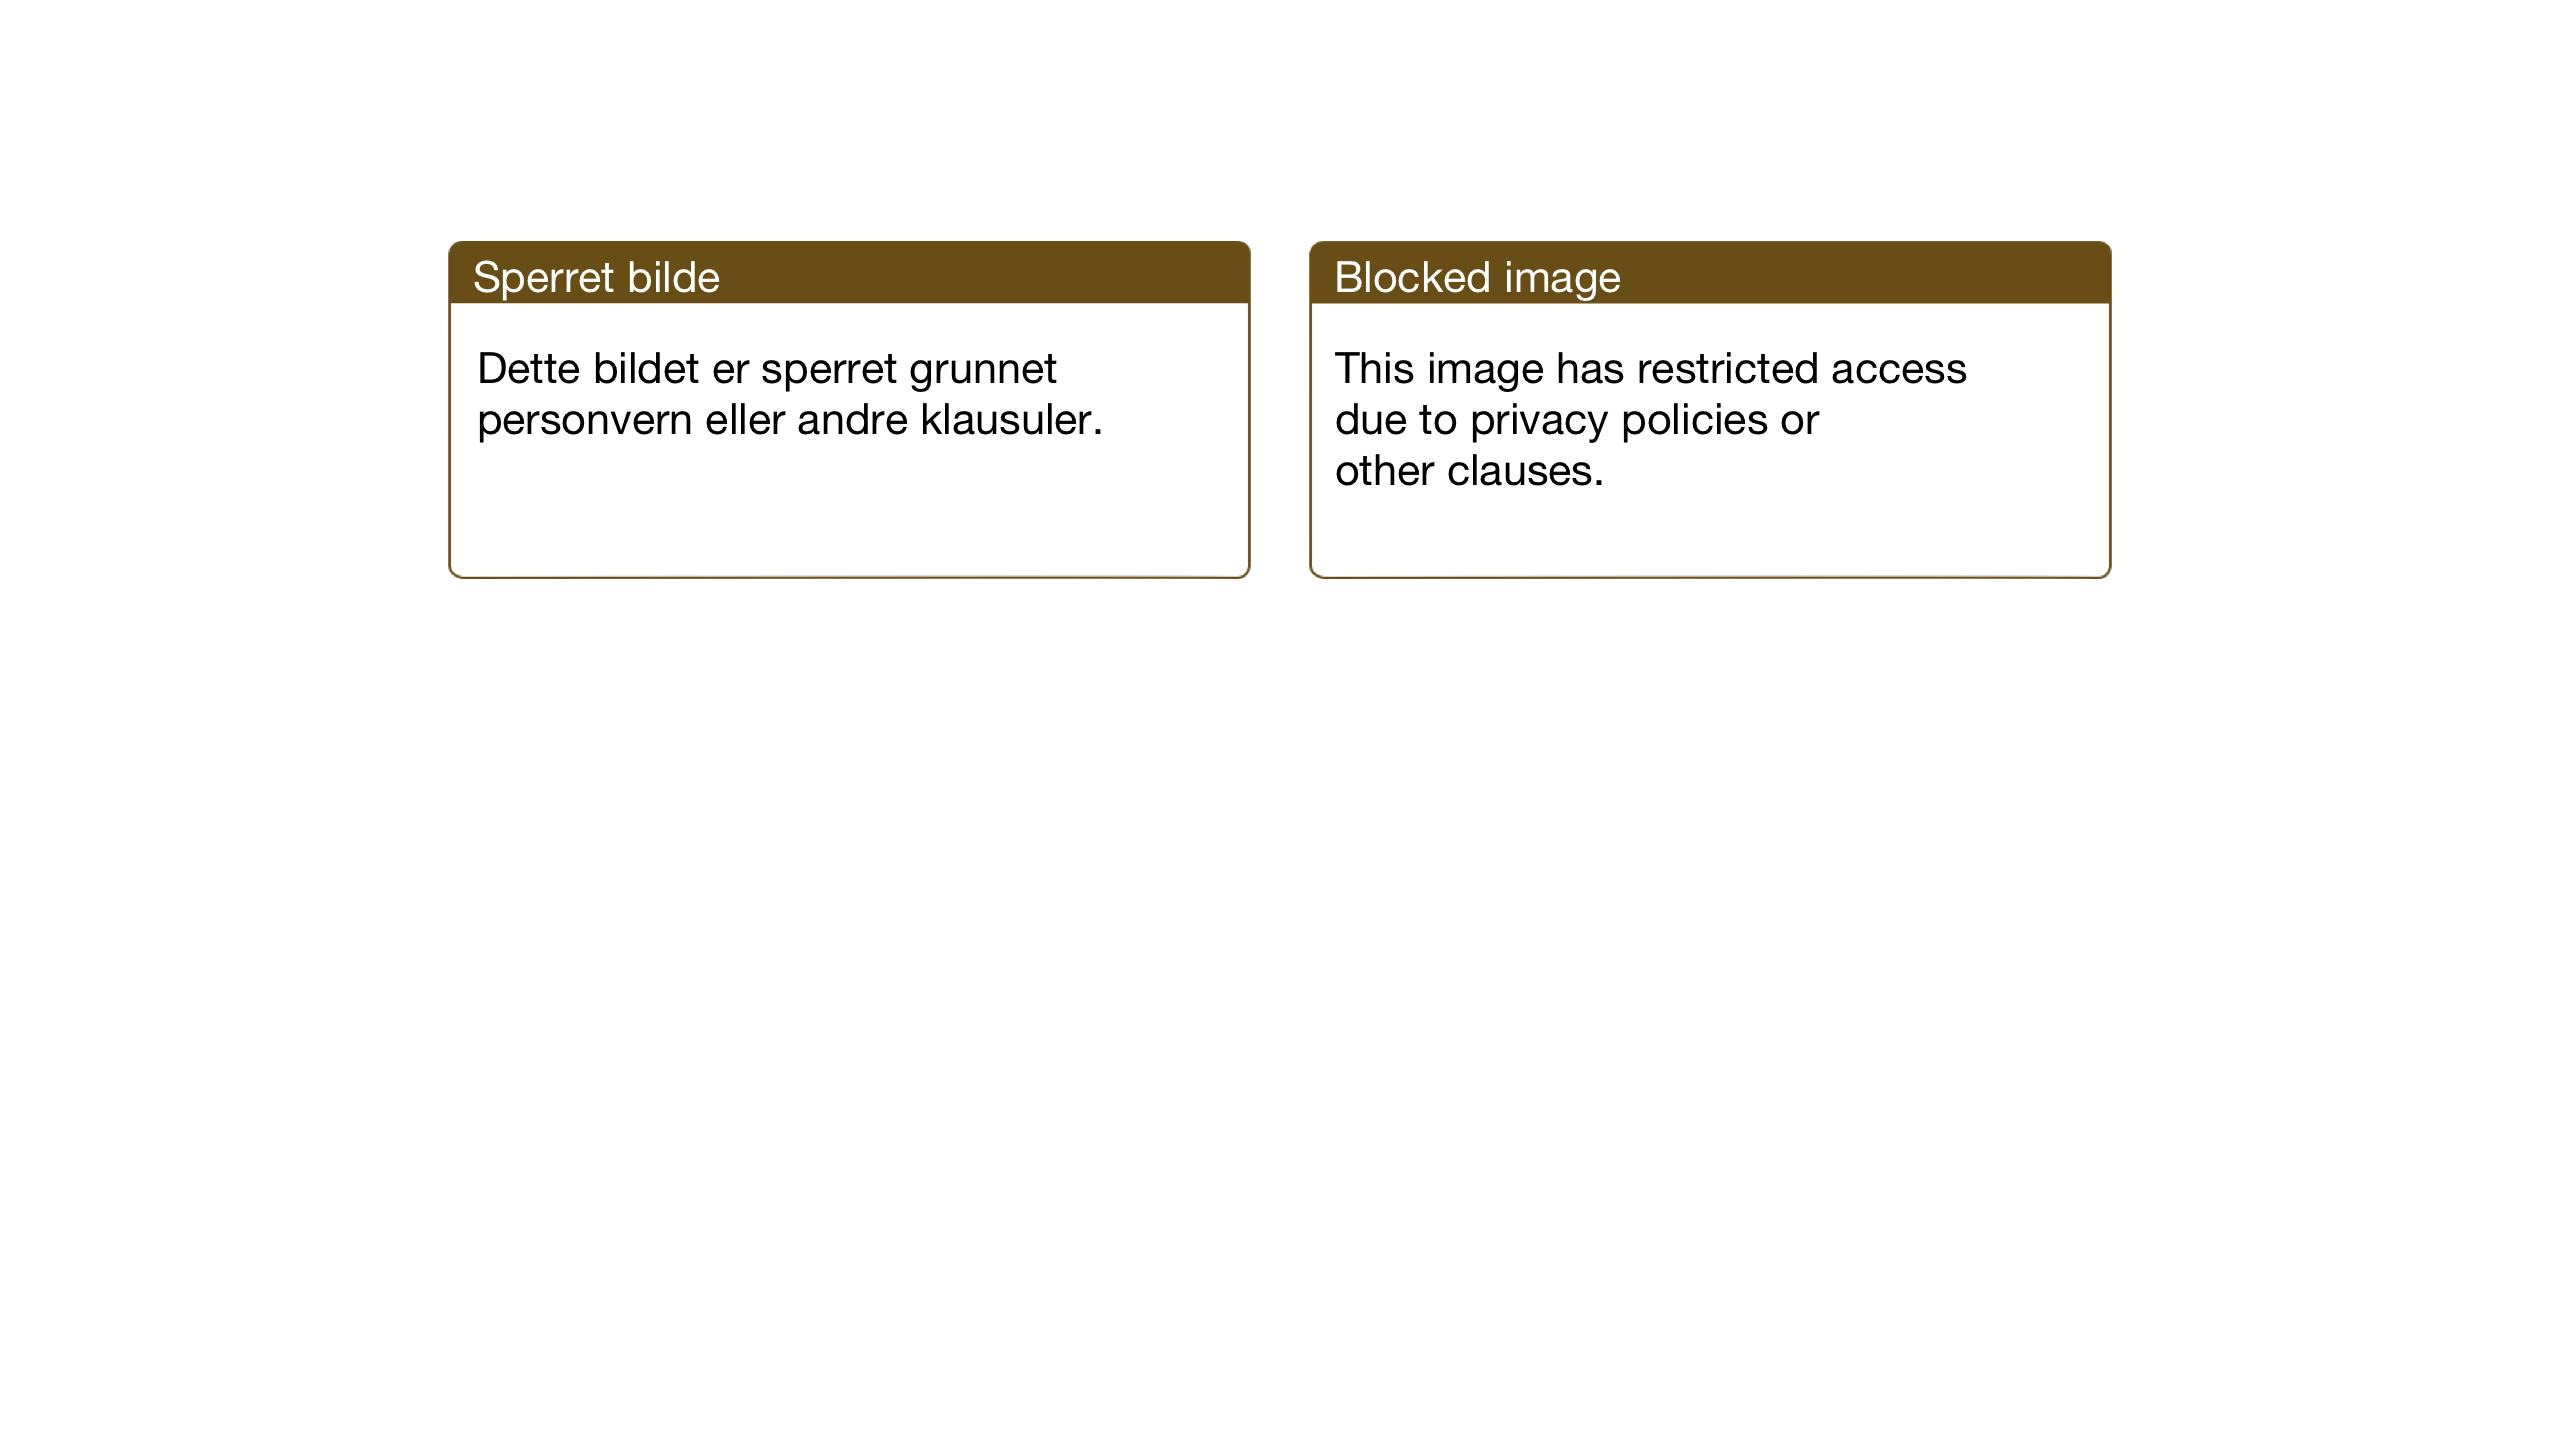 SAT, Ministerialprotokoller, klokkerbøker og fødselsregistre - Nord-Trøndelag, 741/L0396: Ministerialbok nr. 741A10, 1889-1901, s. 64